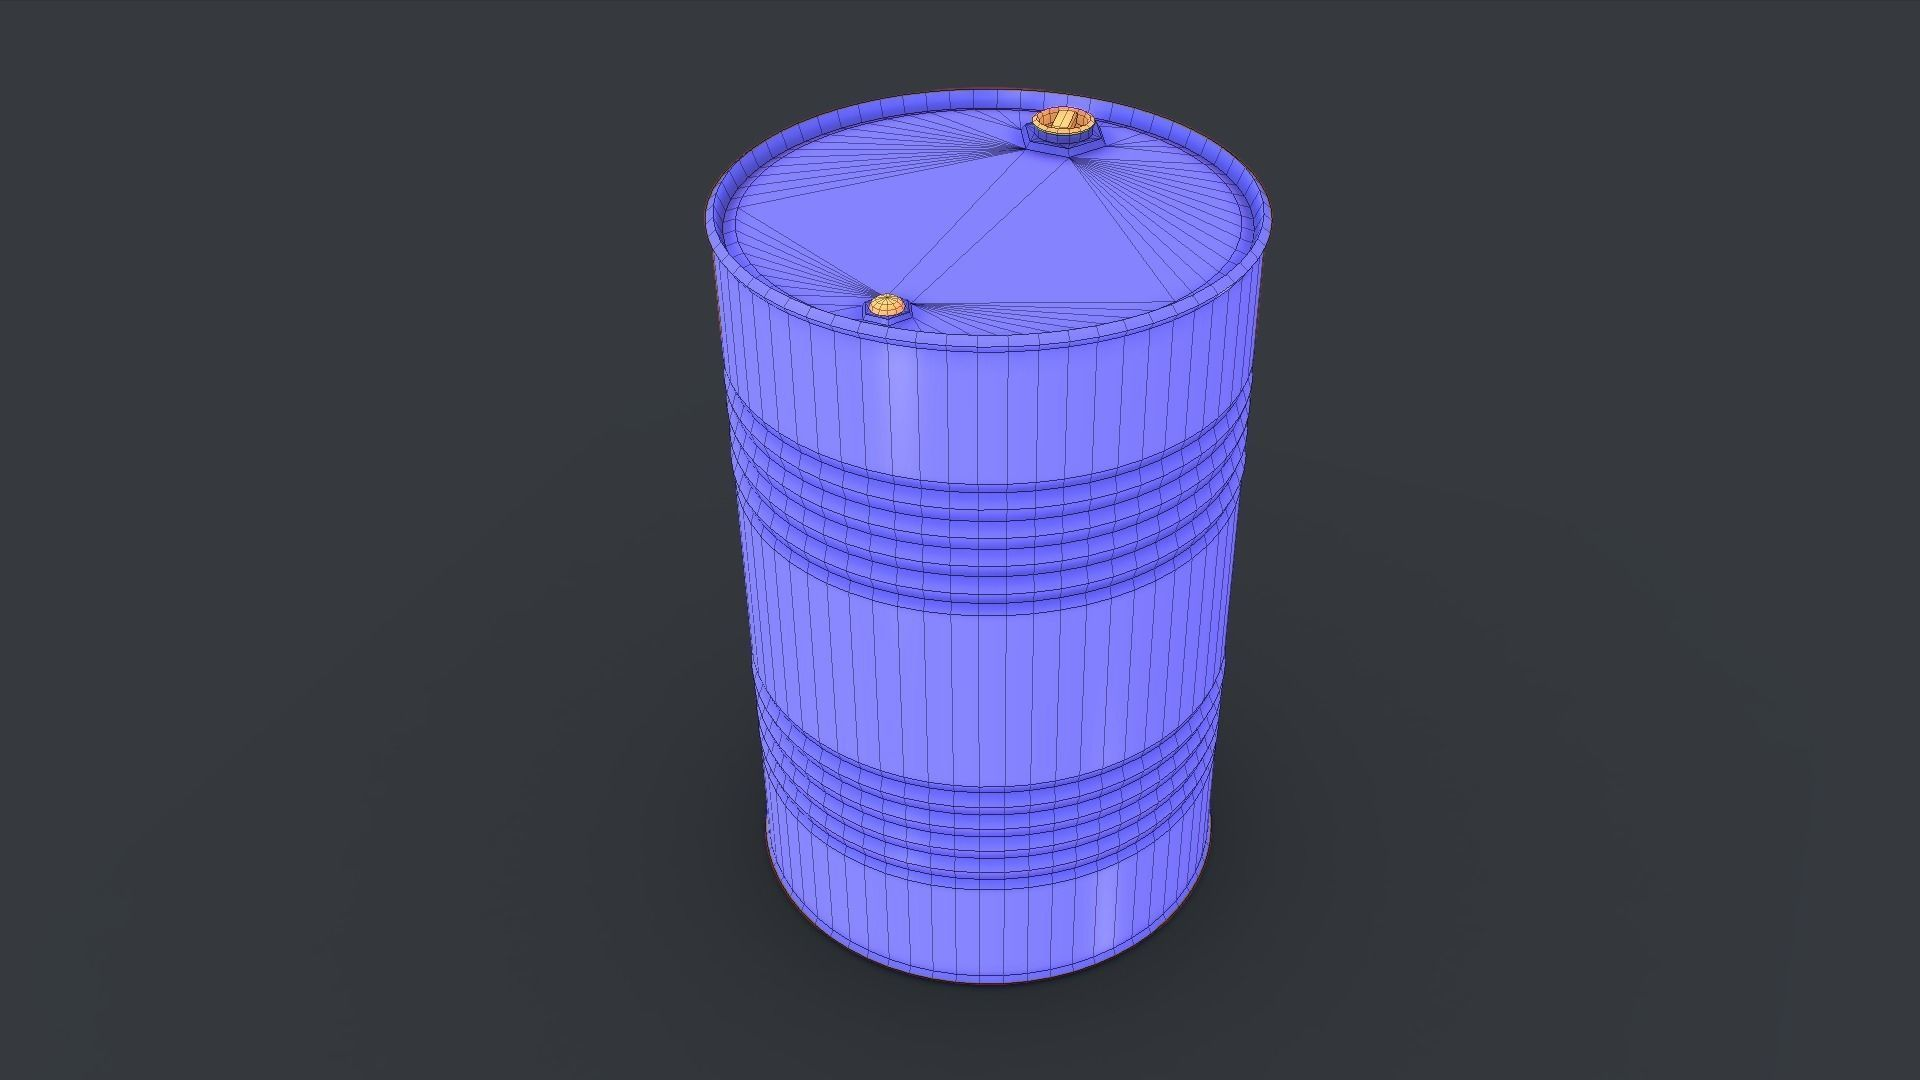 Barrel with - golden ratio